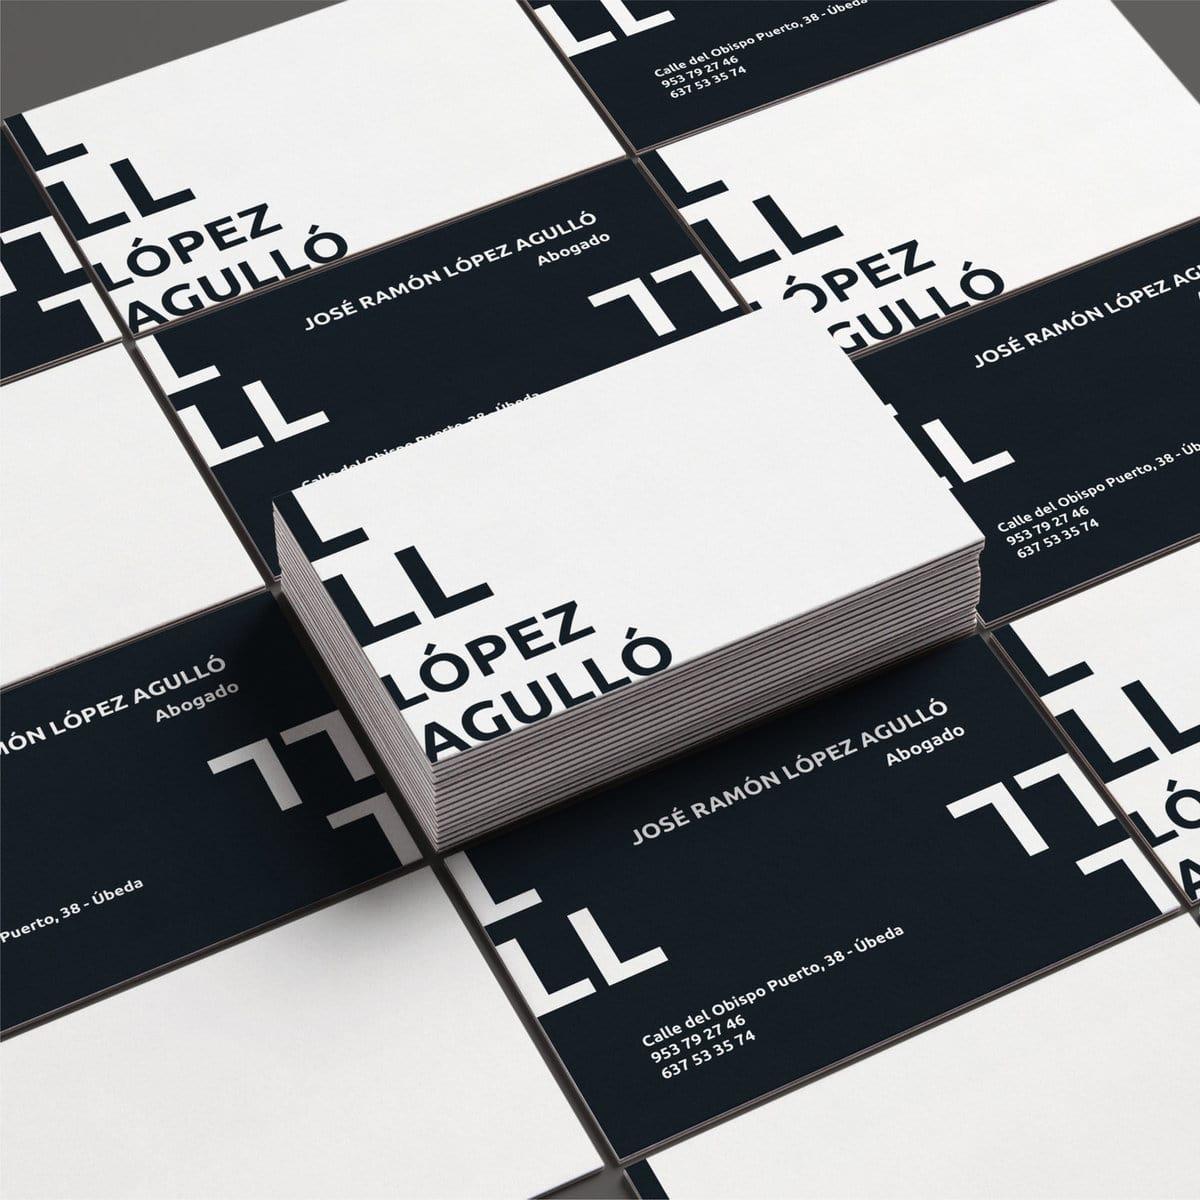 Renovated Branding for López Agulló